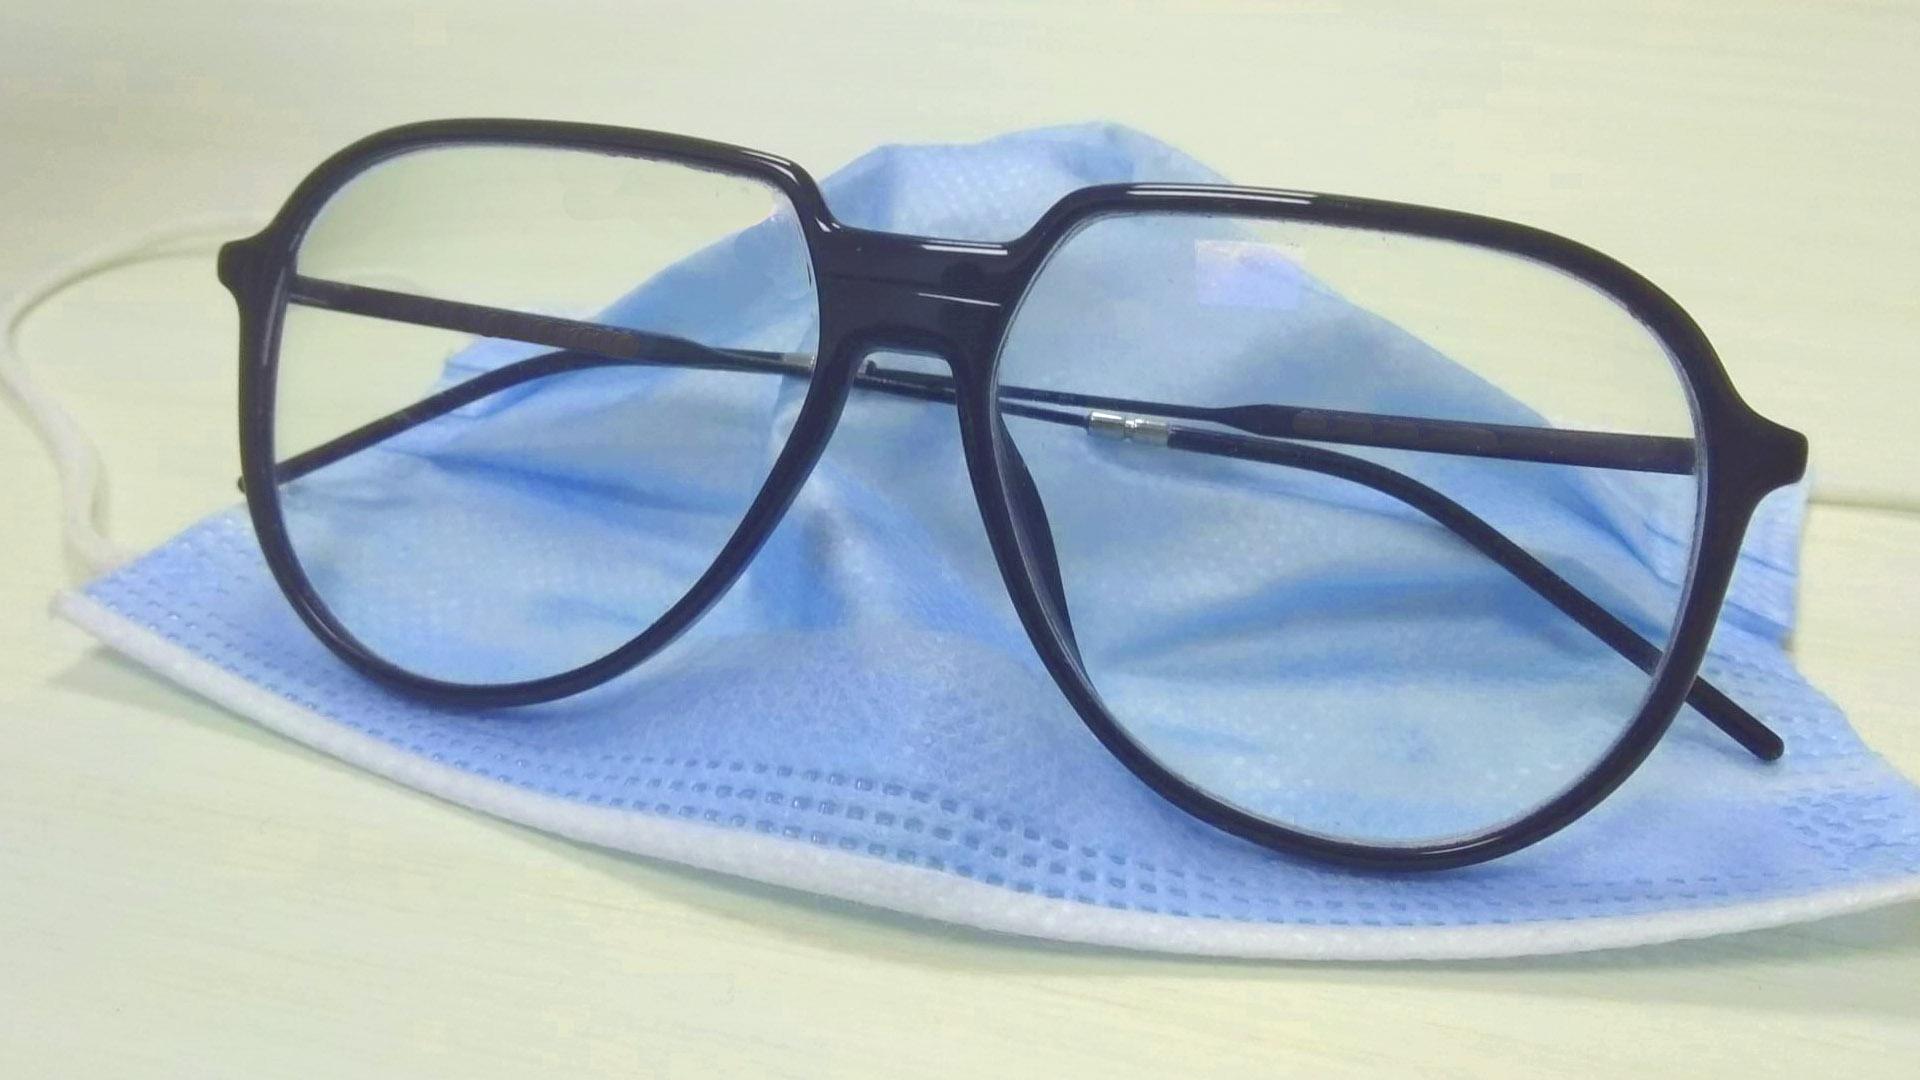 ¿Se te empañan las gafas al usar mascarilla? Entonces algo no marcha bien...